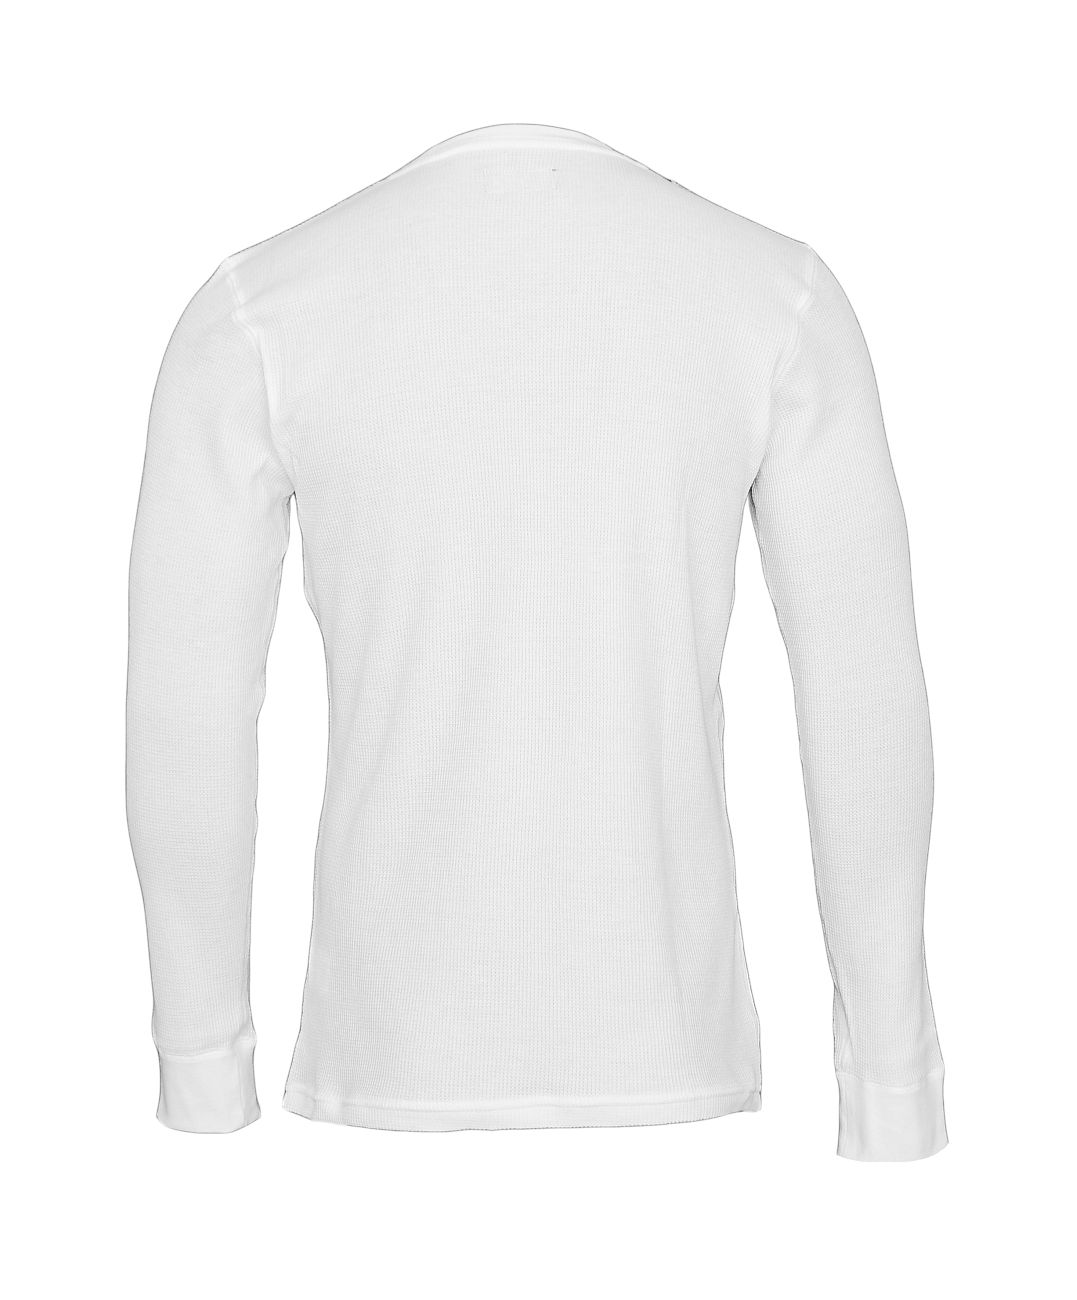 Ralph Lauren Longsleeve Sweater 71470522 8005 Natural SH18-RLS1